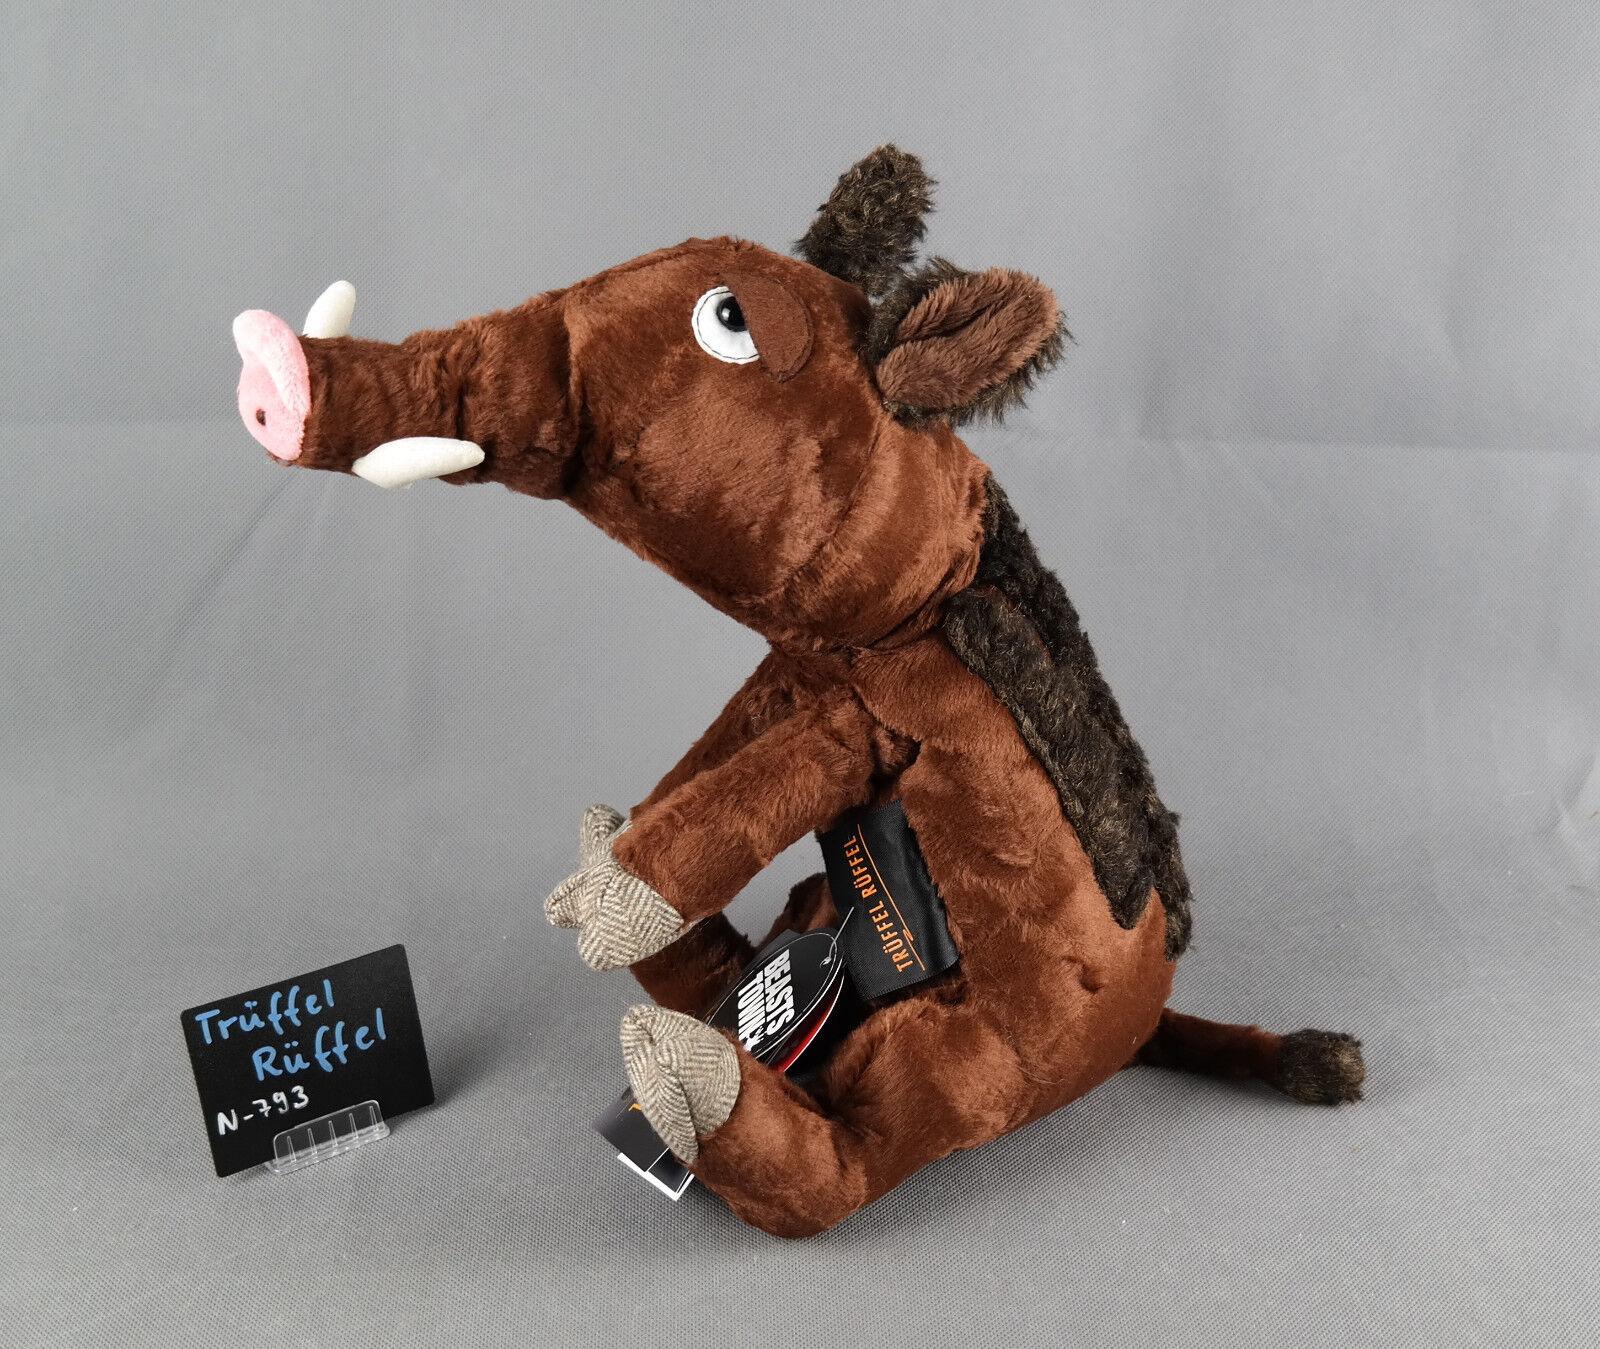 GENAU DIESEN Trüffel Rüffel (Wildschwein) SIGIKID SIGIKID SIGIKID Beast 38808 NEUWARE   N-793 a18397